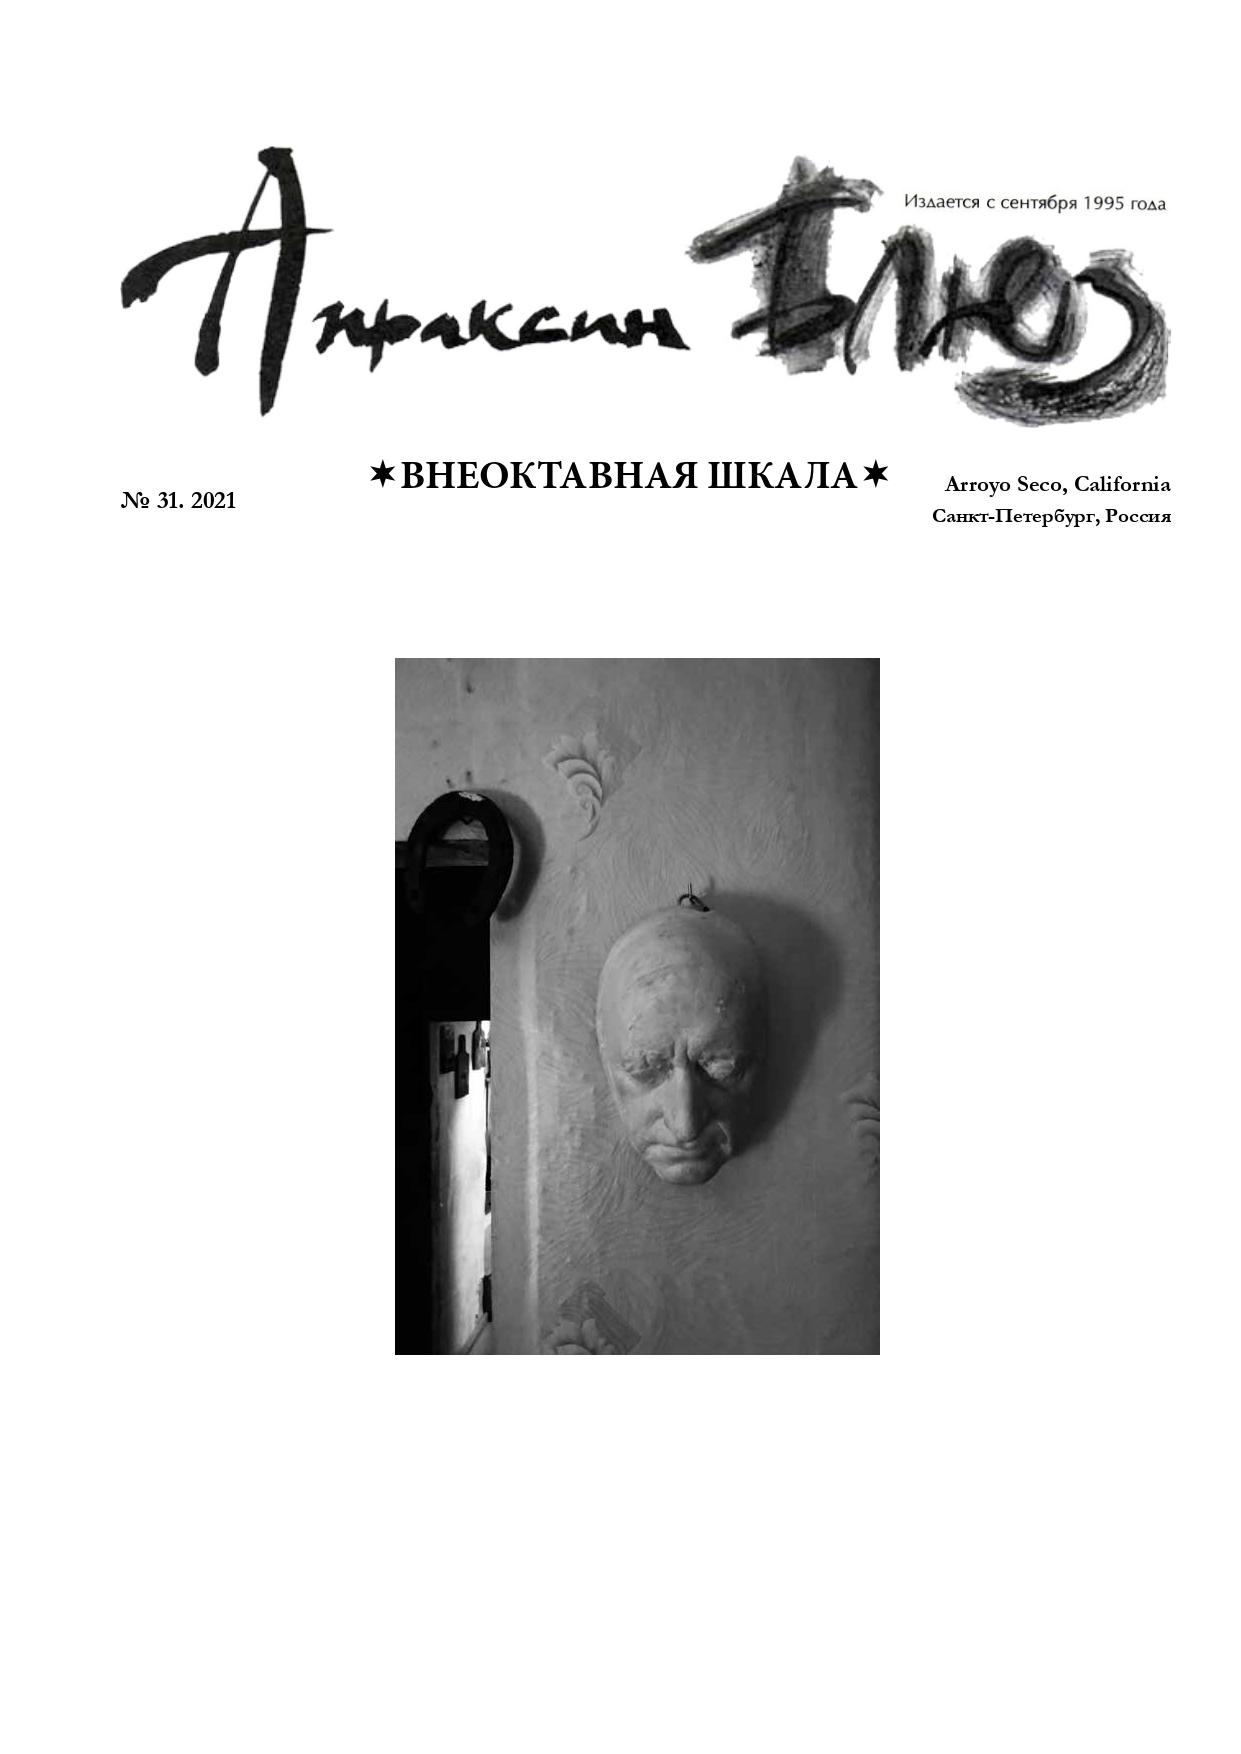 http://forumupload.ru/uploads/000a/78/7a/526/79105.jpg